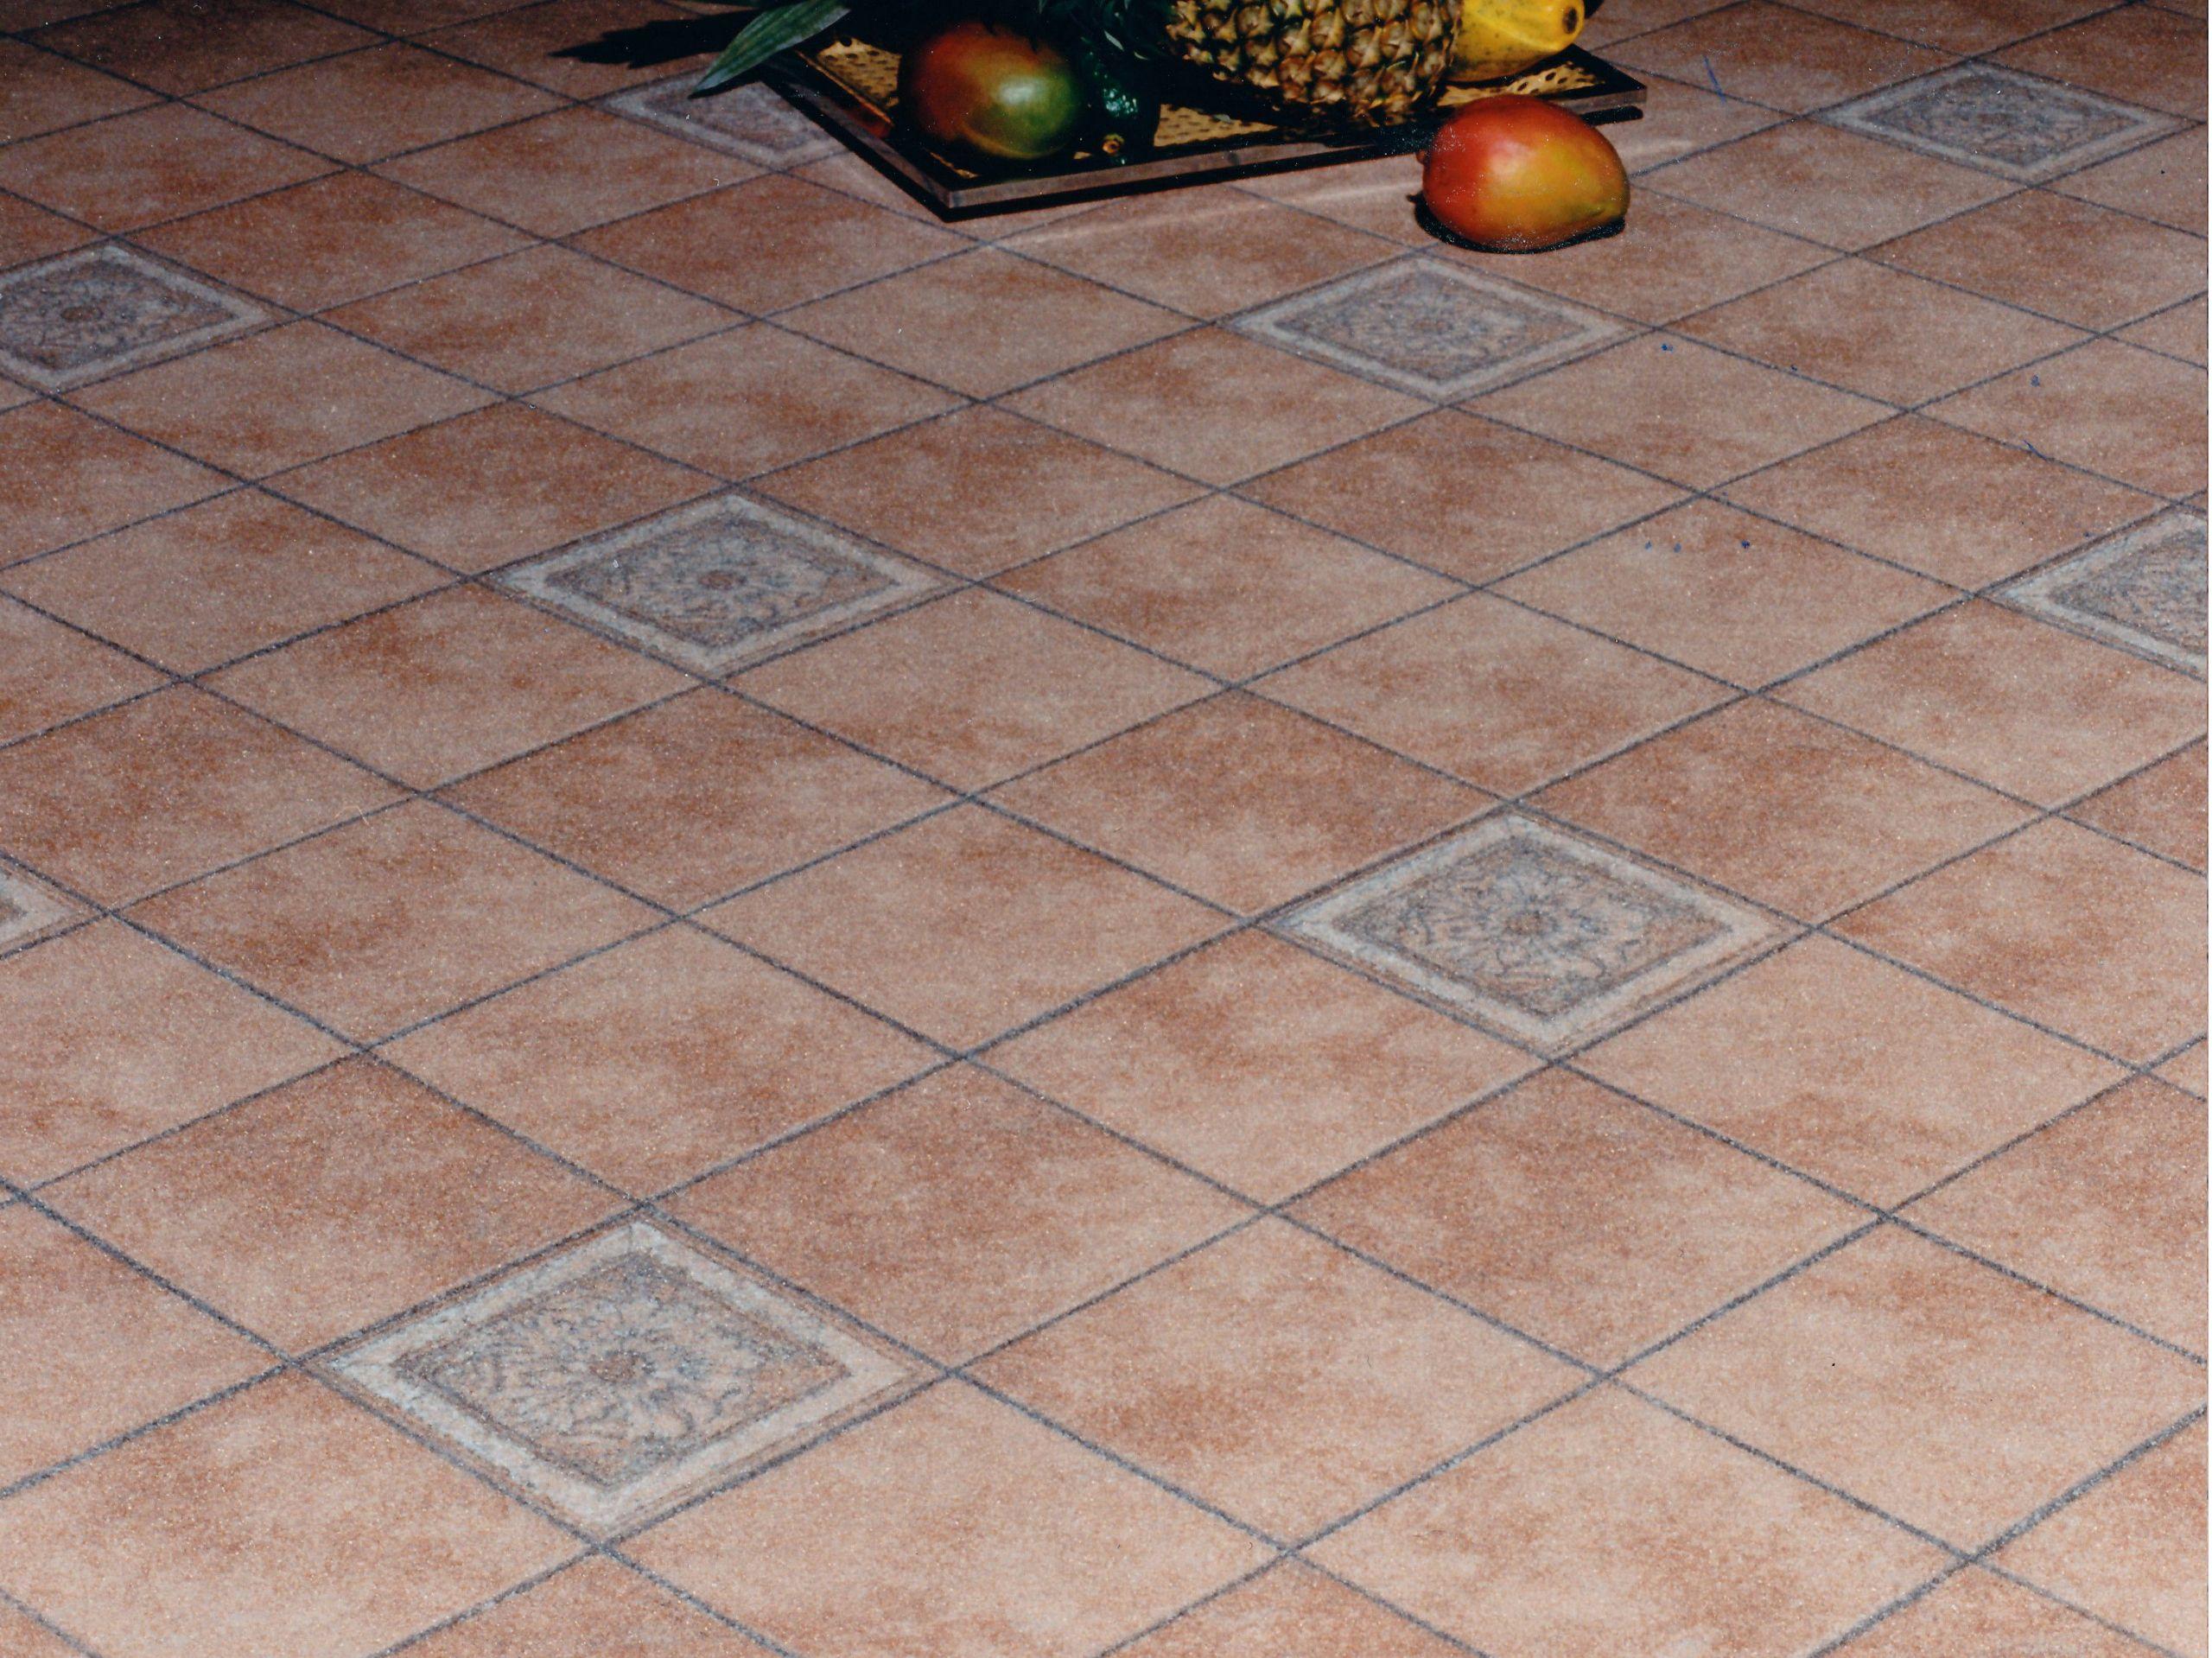 Best Pavimenti Per Cucina Images - Acomo.us - acomo.us